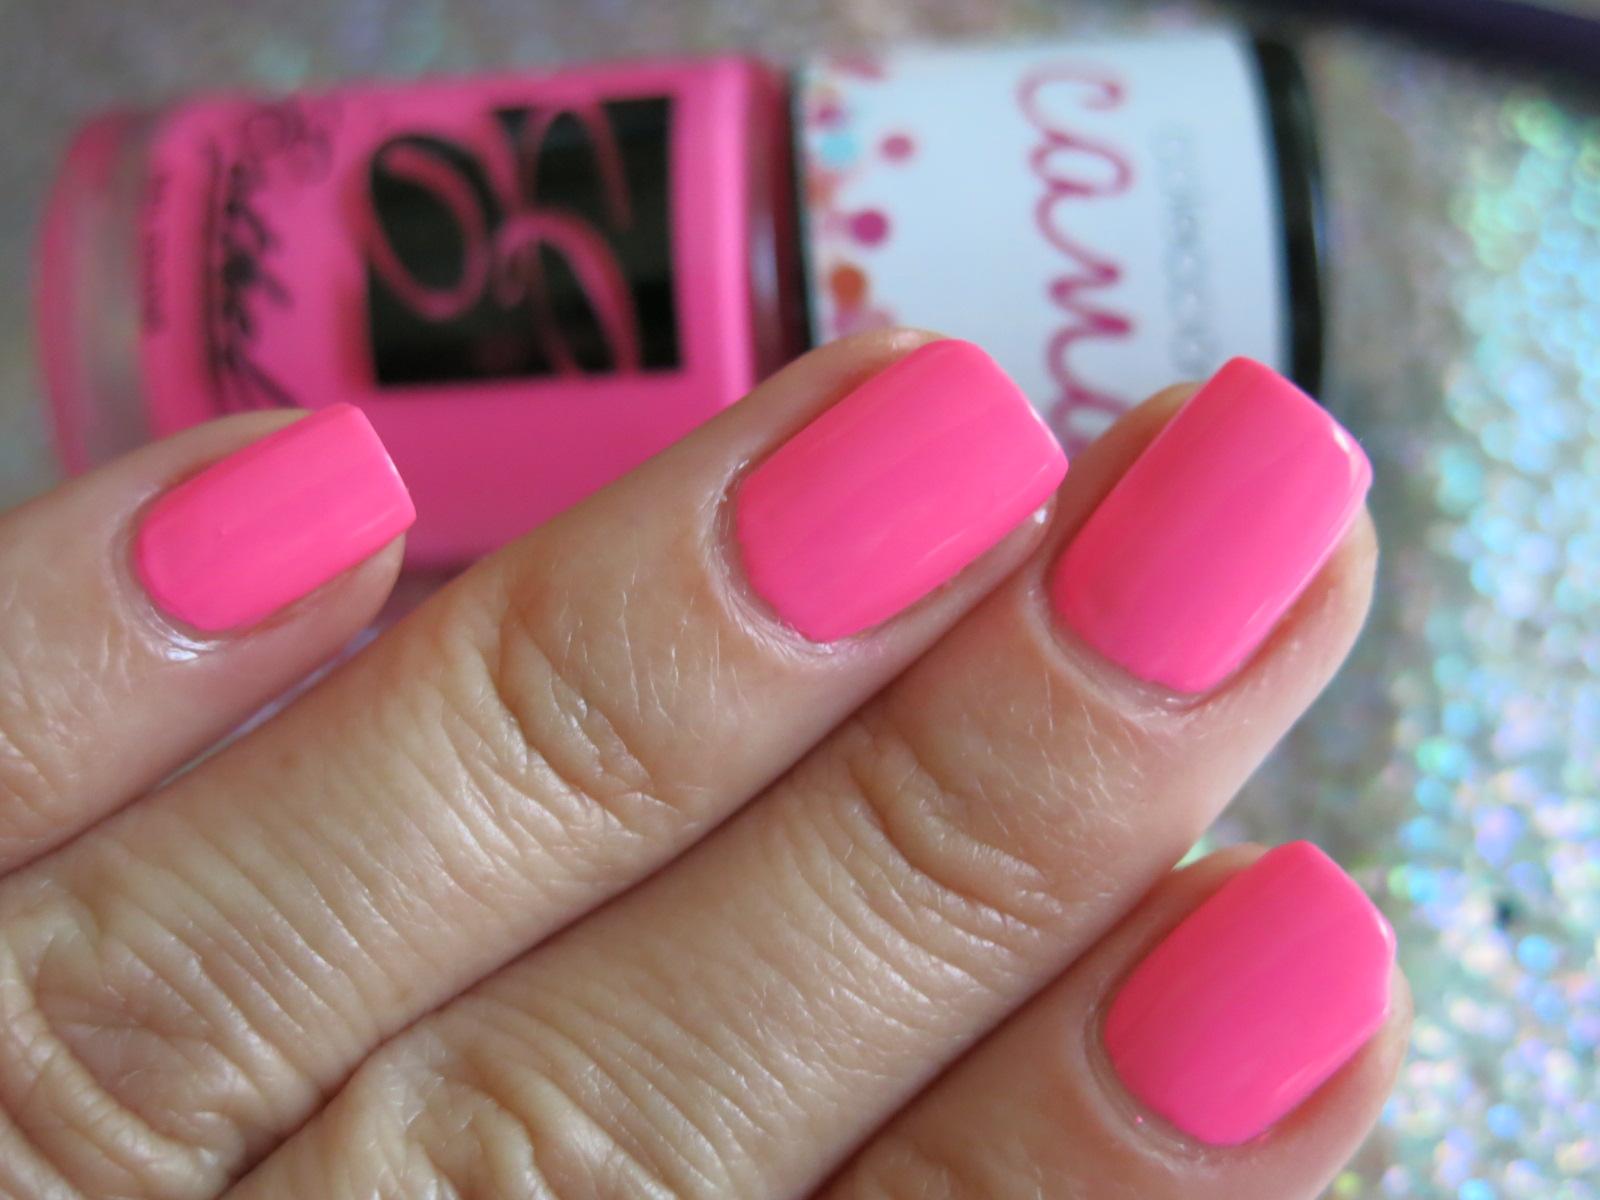 Colores: Esthel -Colección Candy- | Adrix Nails: Uñas, barnices ...